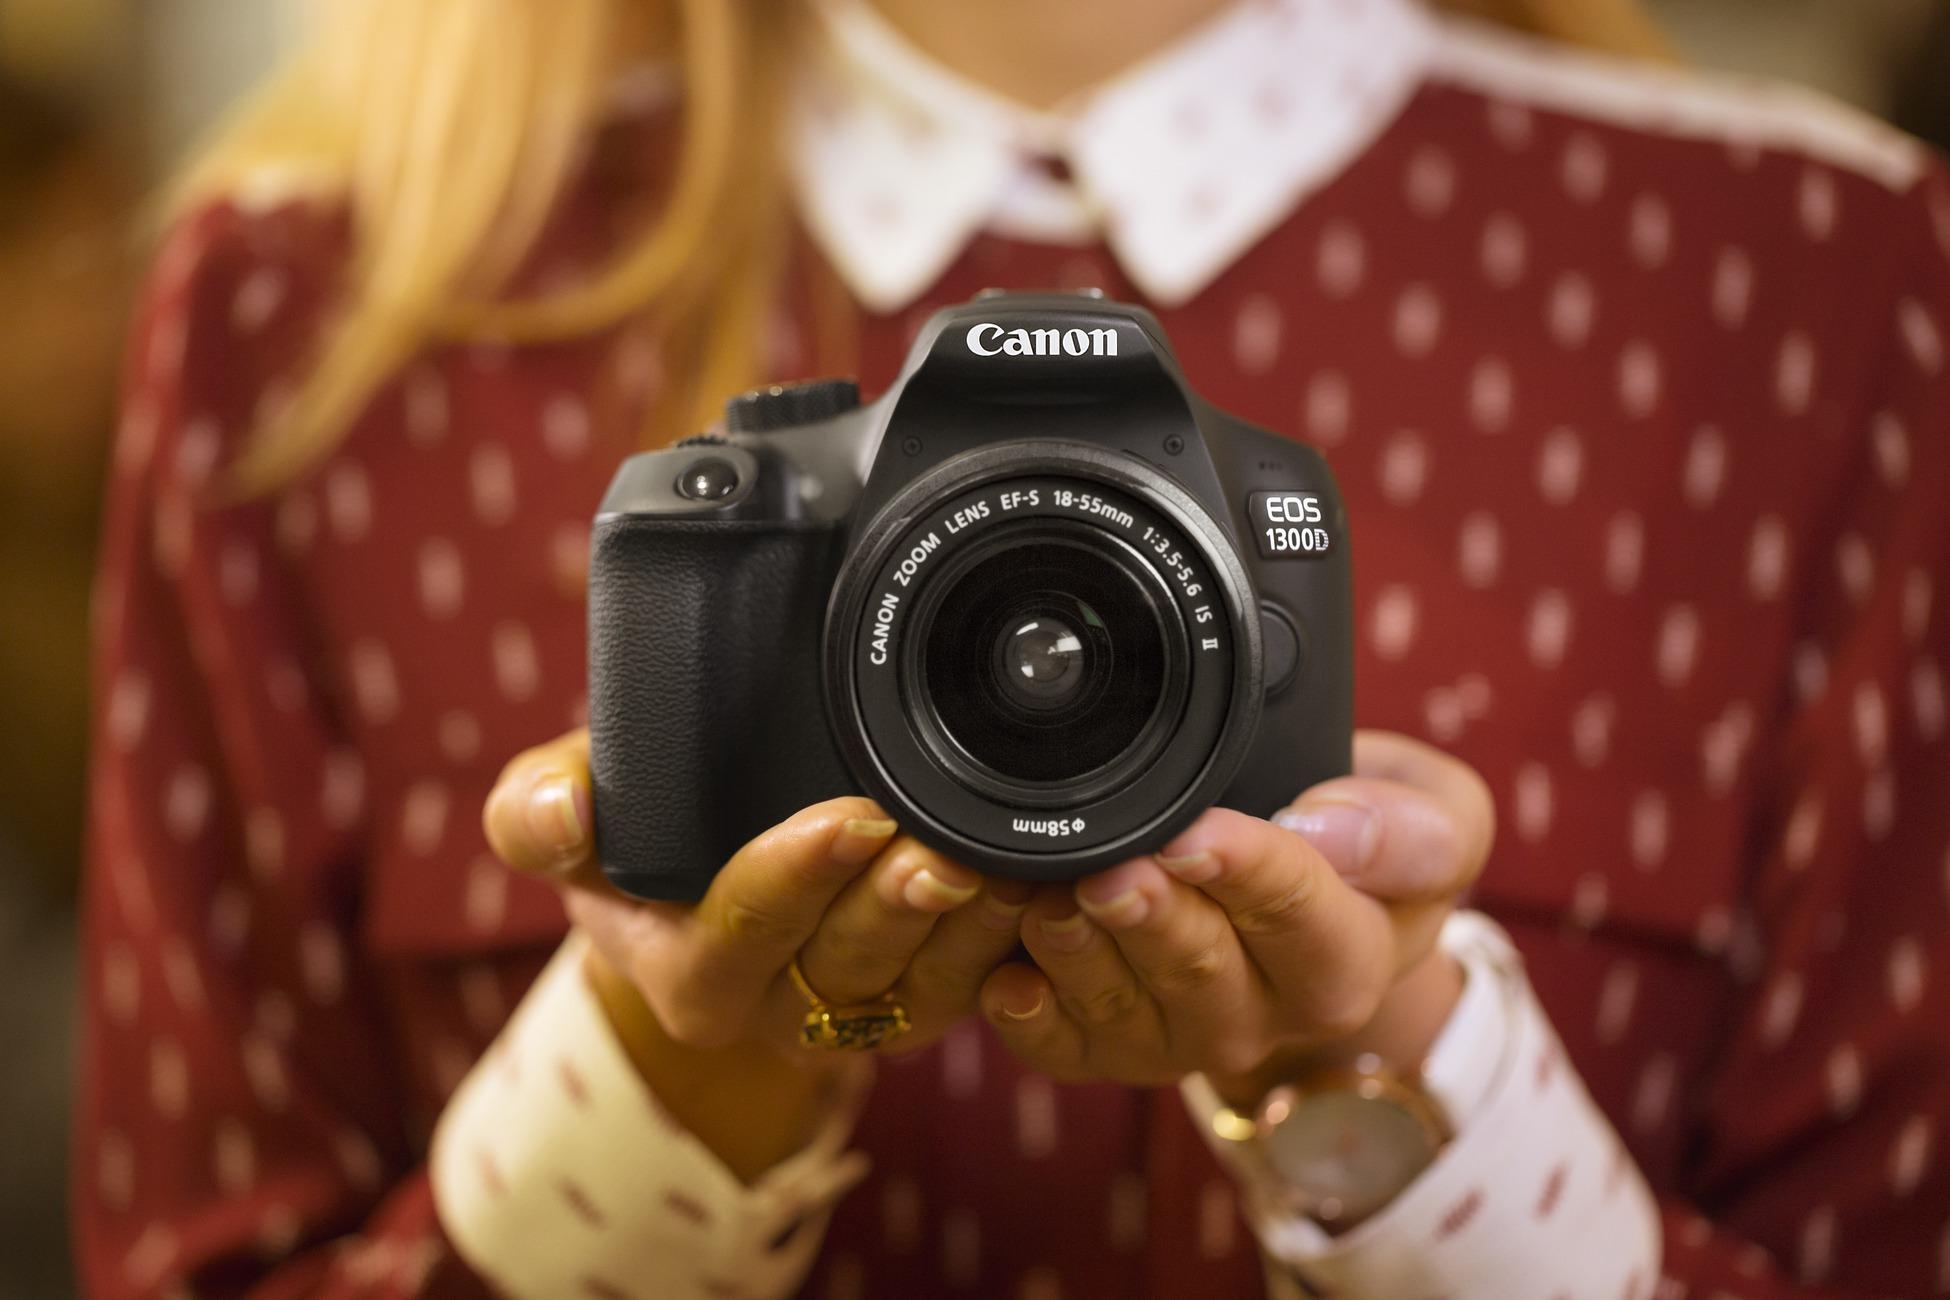 как фоткать на фотоаппарат кэнон первую